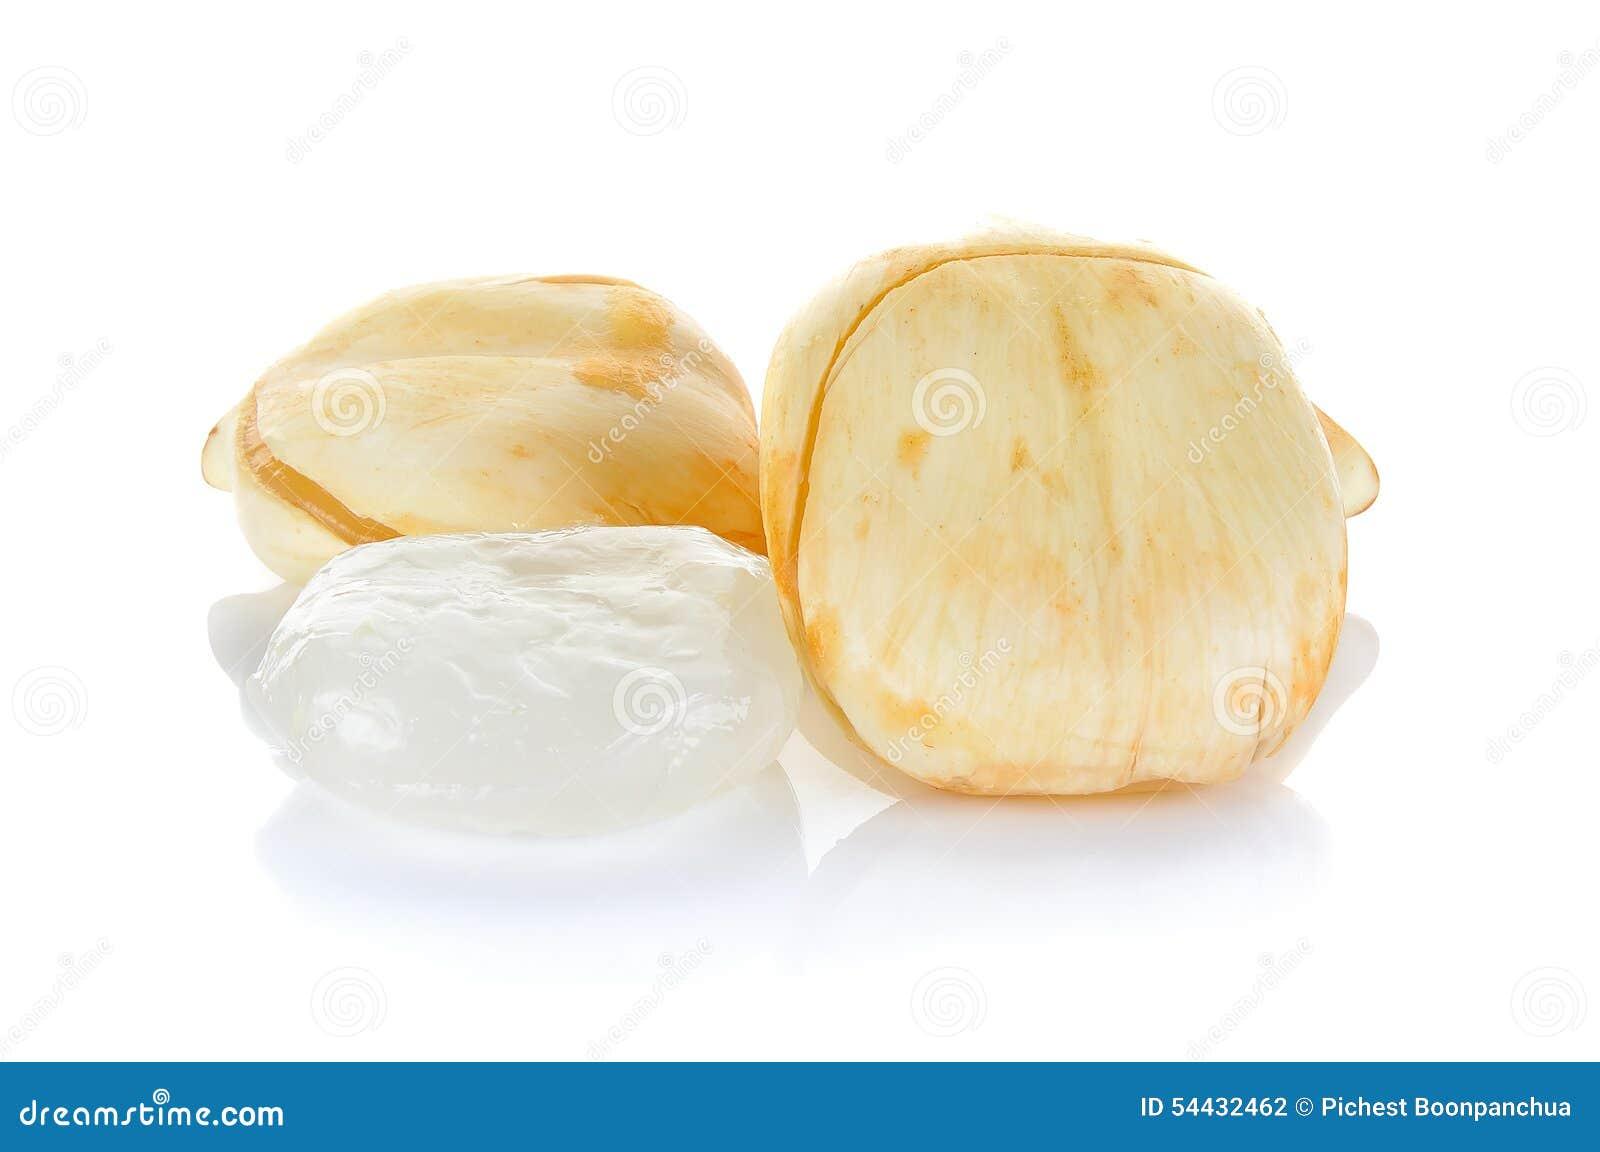 亚洲扇叶树头榈棕榈,棕榈汁,在白色bac隔绝的桄榔